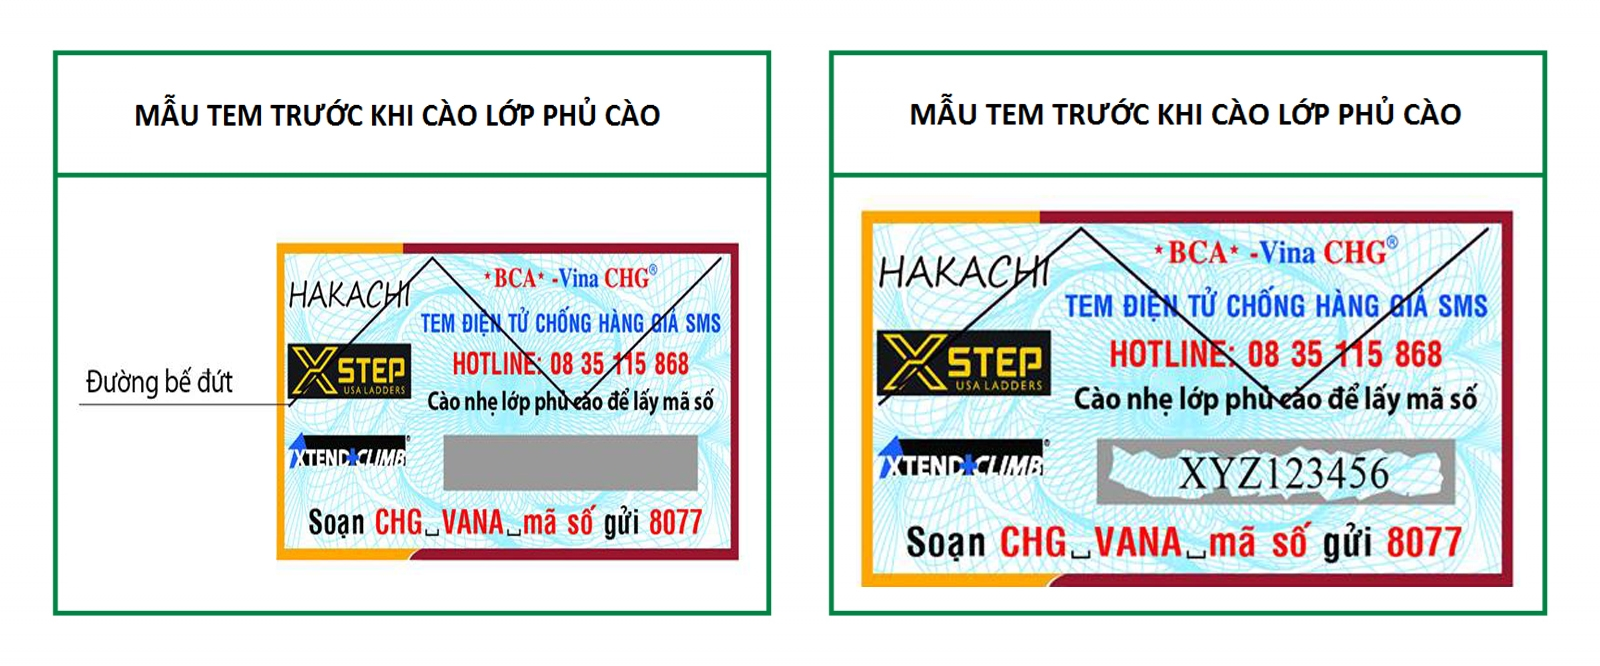 Cách kiểm tra thang nhôm Hakachi, Xstep, Xstend Climb chính hãng Vạn Nam